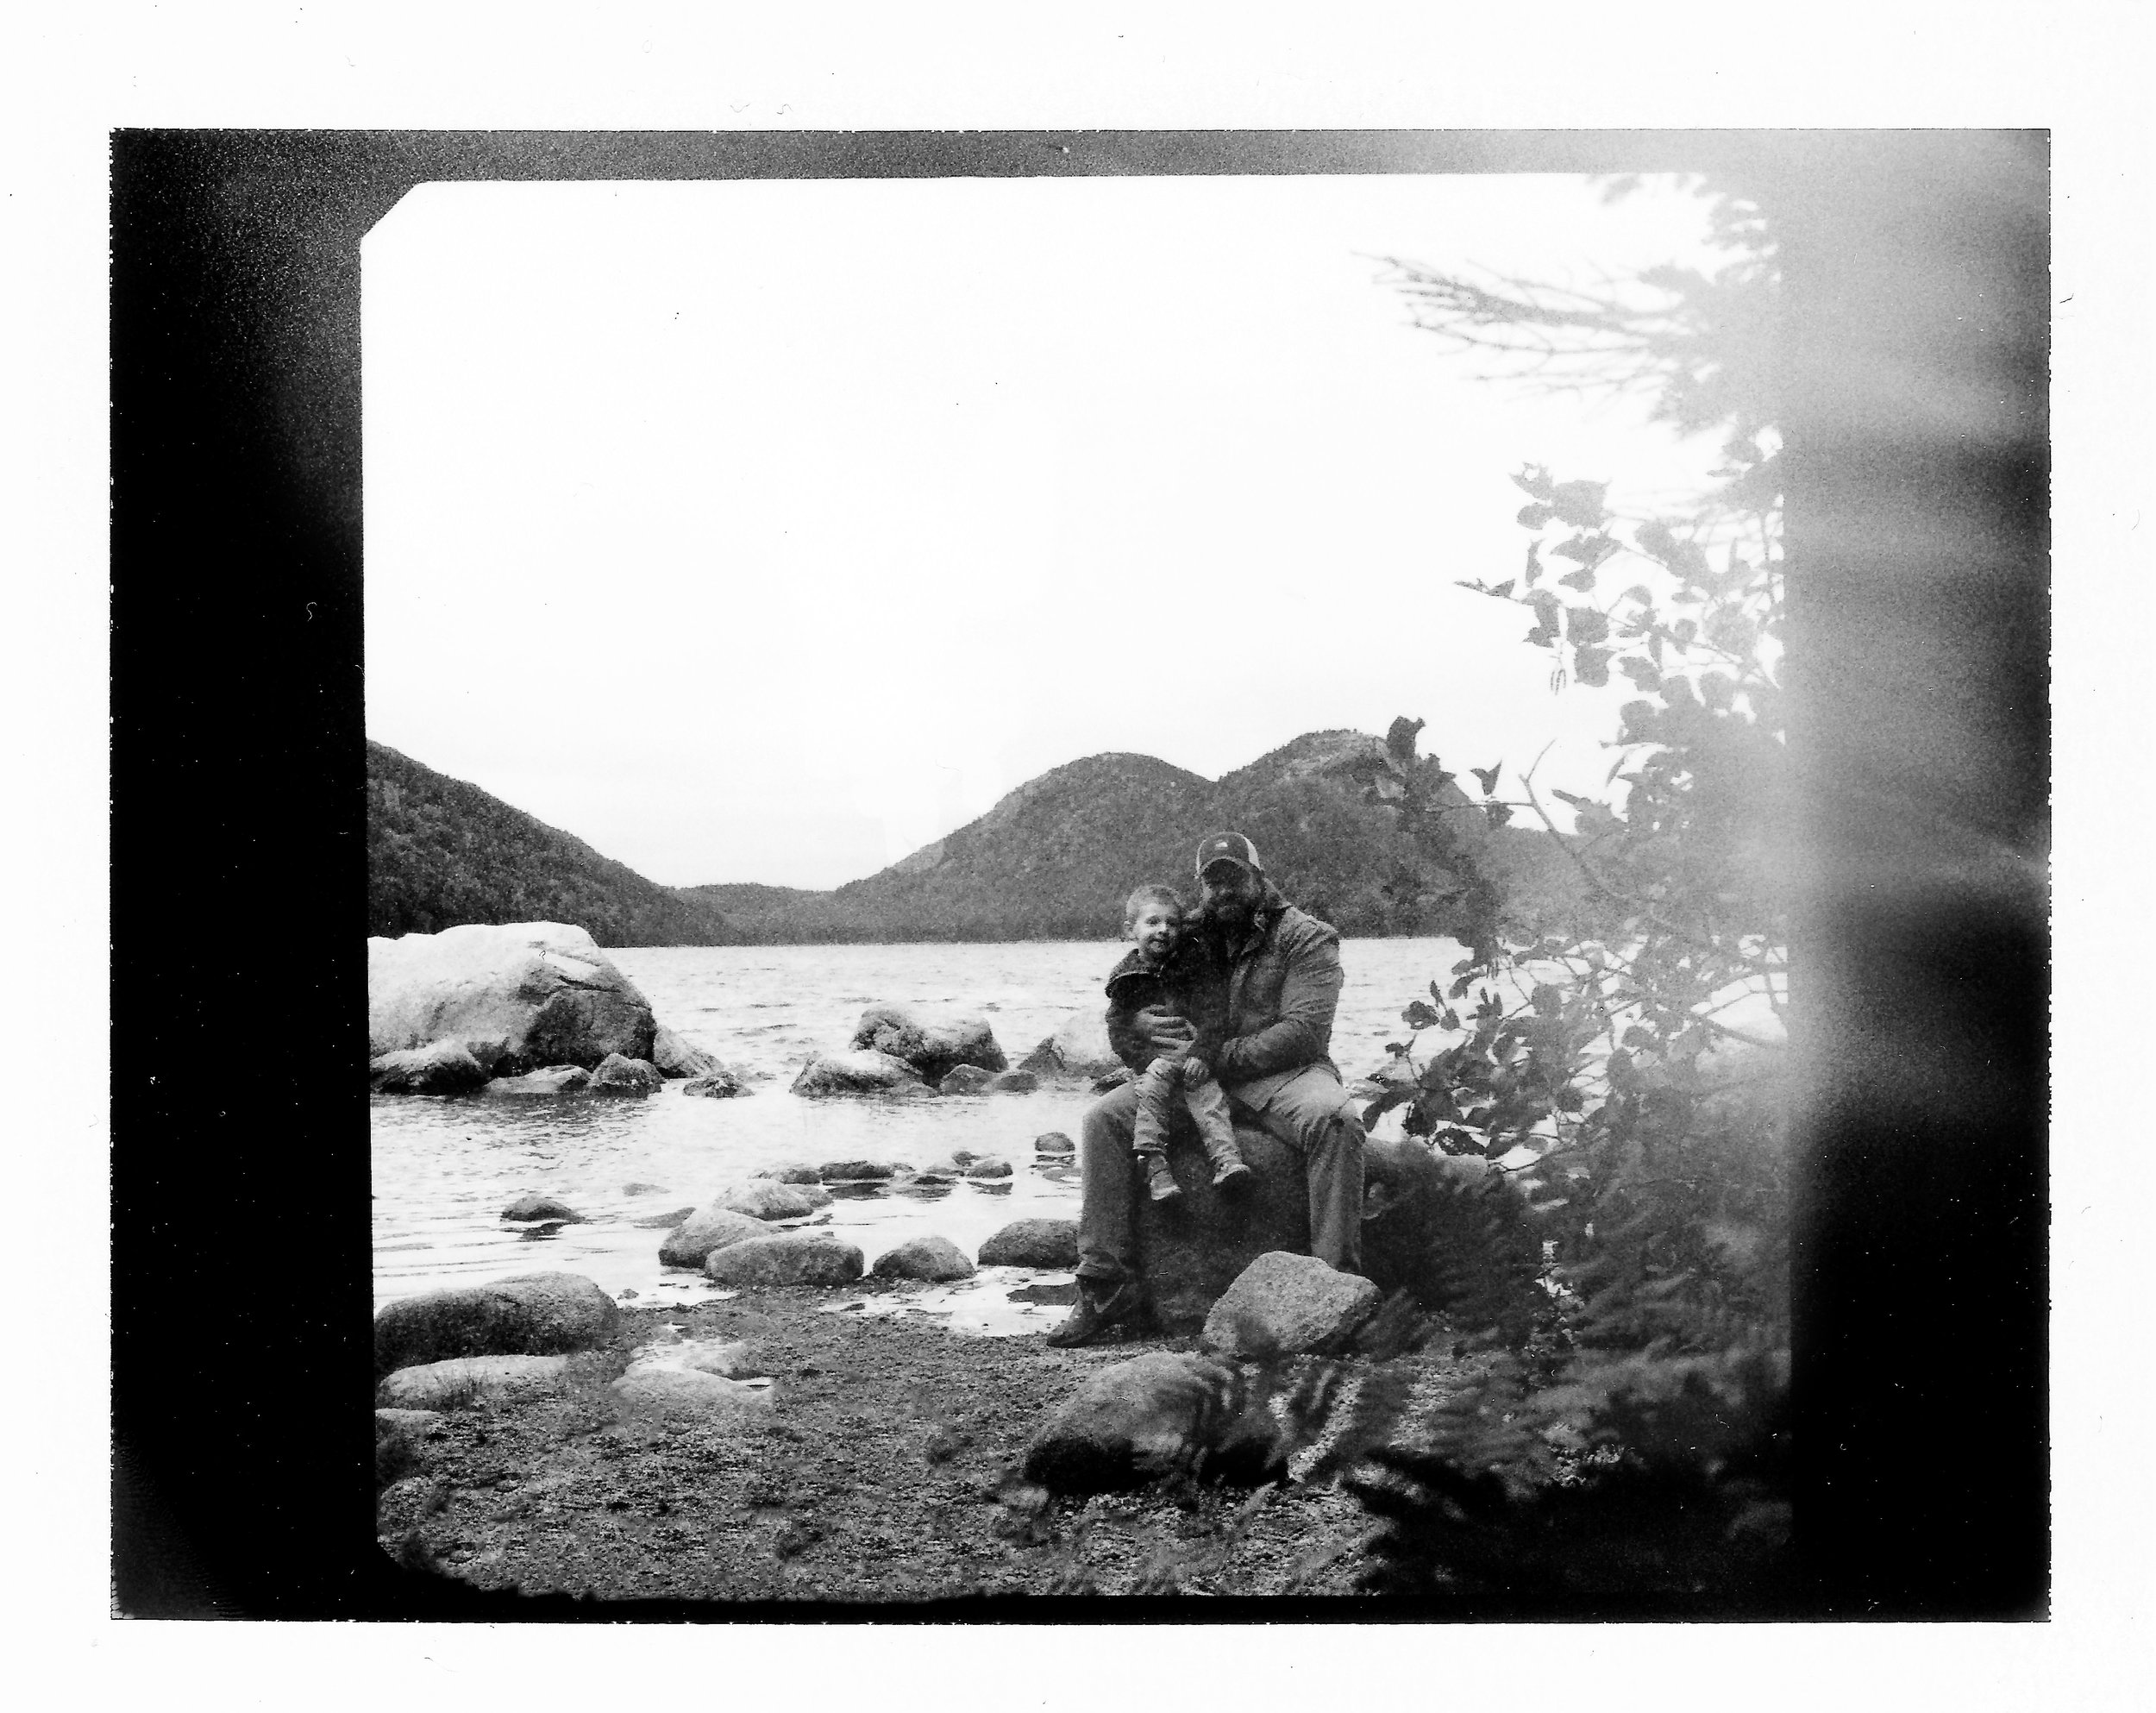 jay-cassario-polaroid-RZ670006.jpg